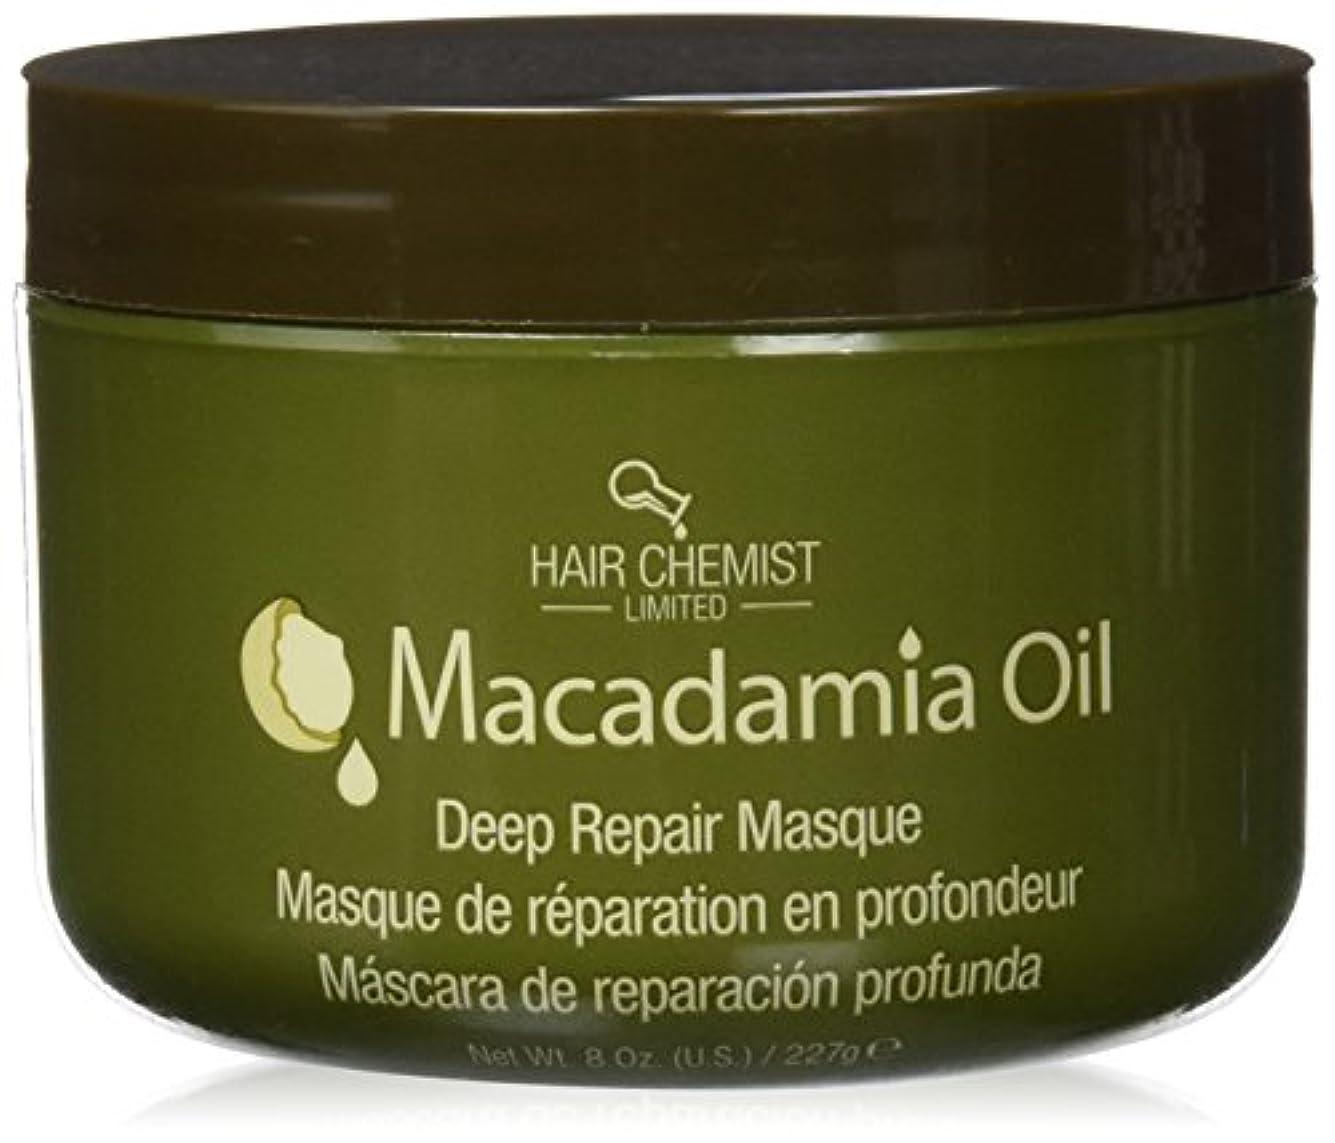 肌聖域前述のHair Chemist ヘアマスク マカダミア オイル ディープリペアマスク 227g Macadamia Oil Deep Repair Mask 1434 New York